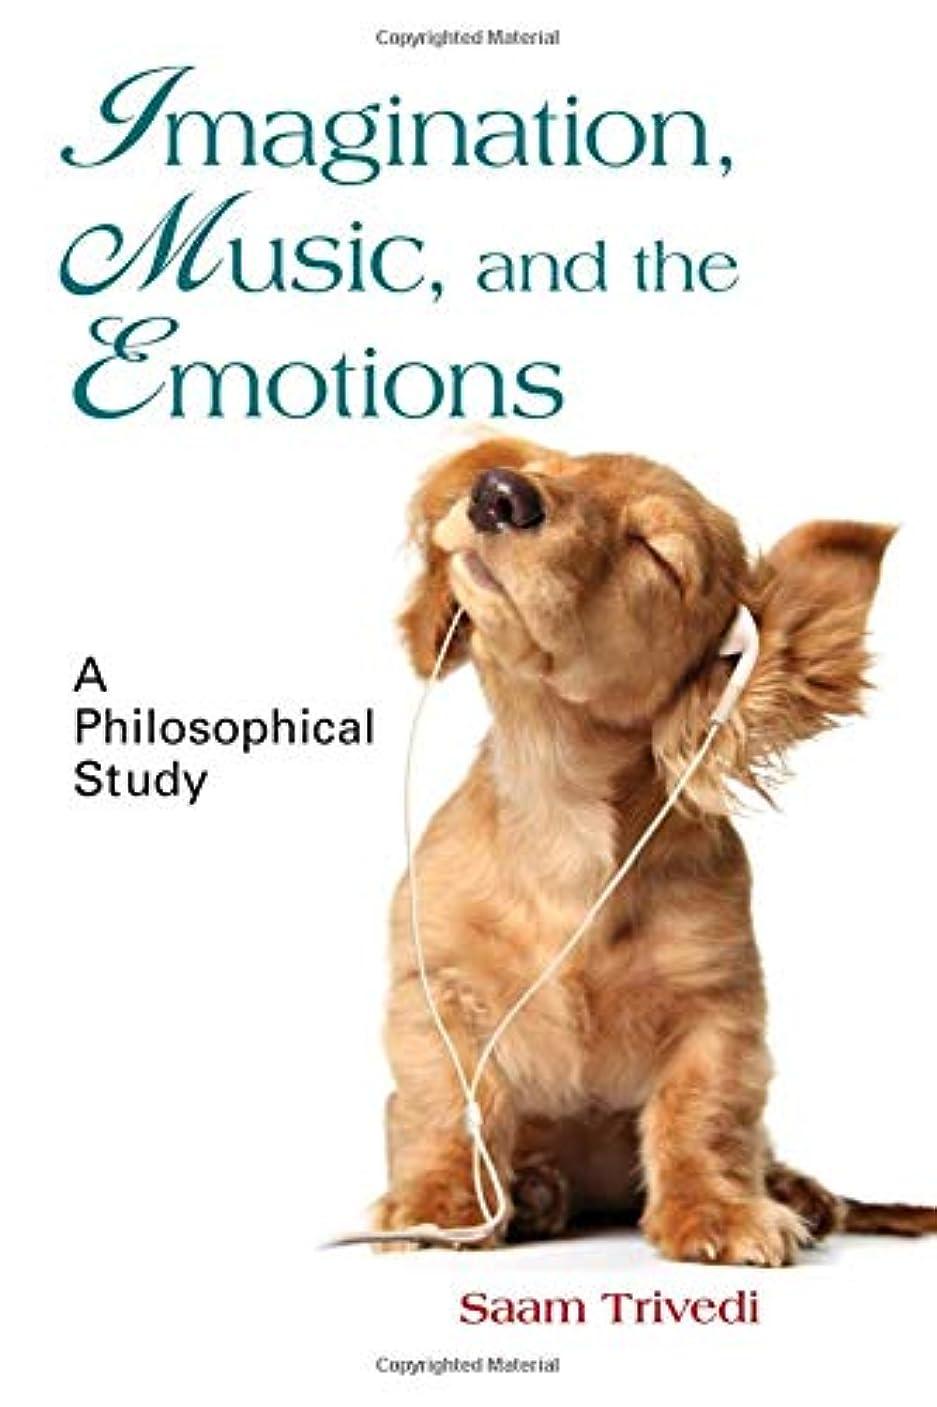 コマンド純粋な巻き取りImagination, Music, and the Emotions: A Philosophical Study